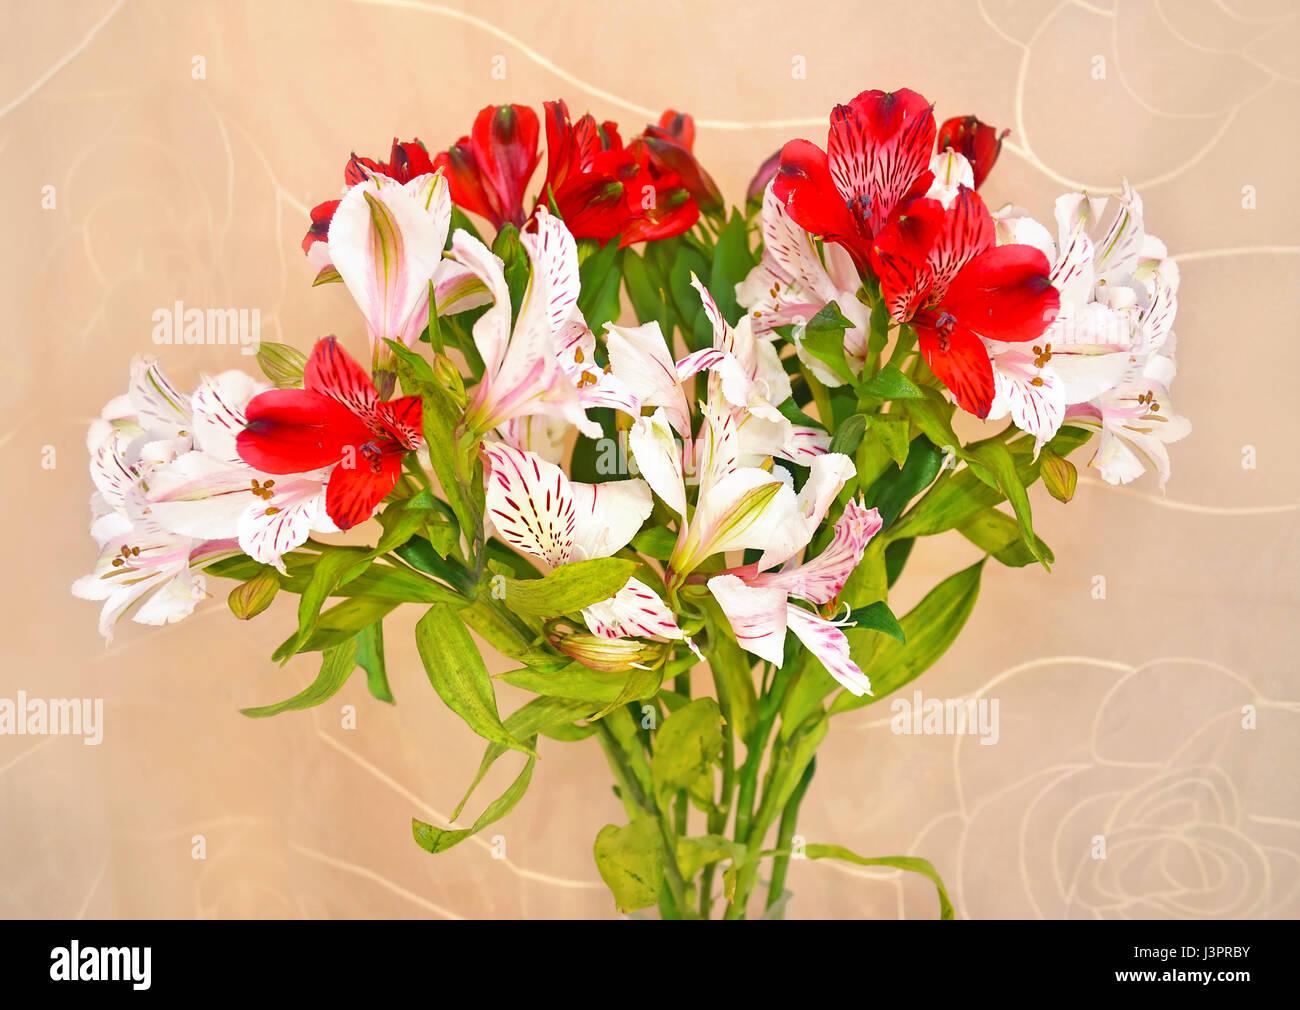 Astromelias Flores Rojas Y Blancas Foto Imagen De Stock